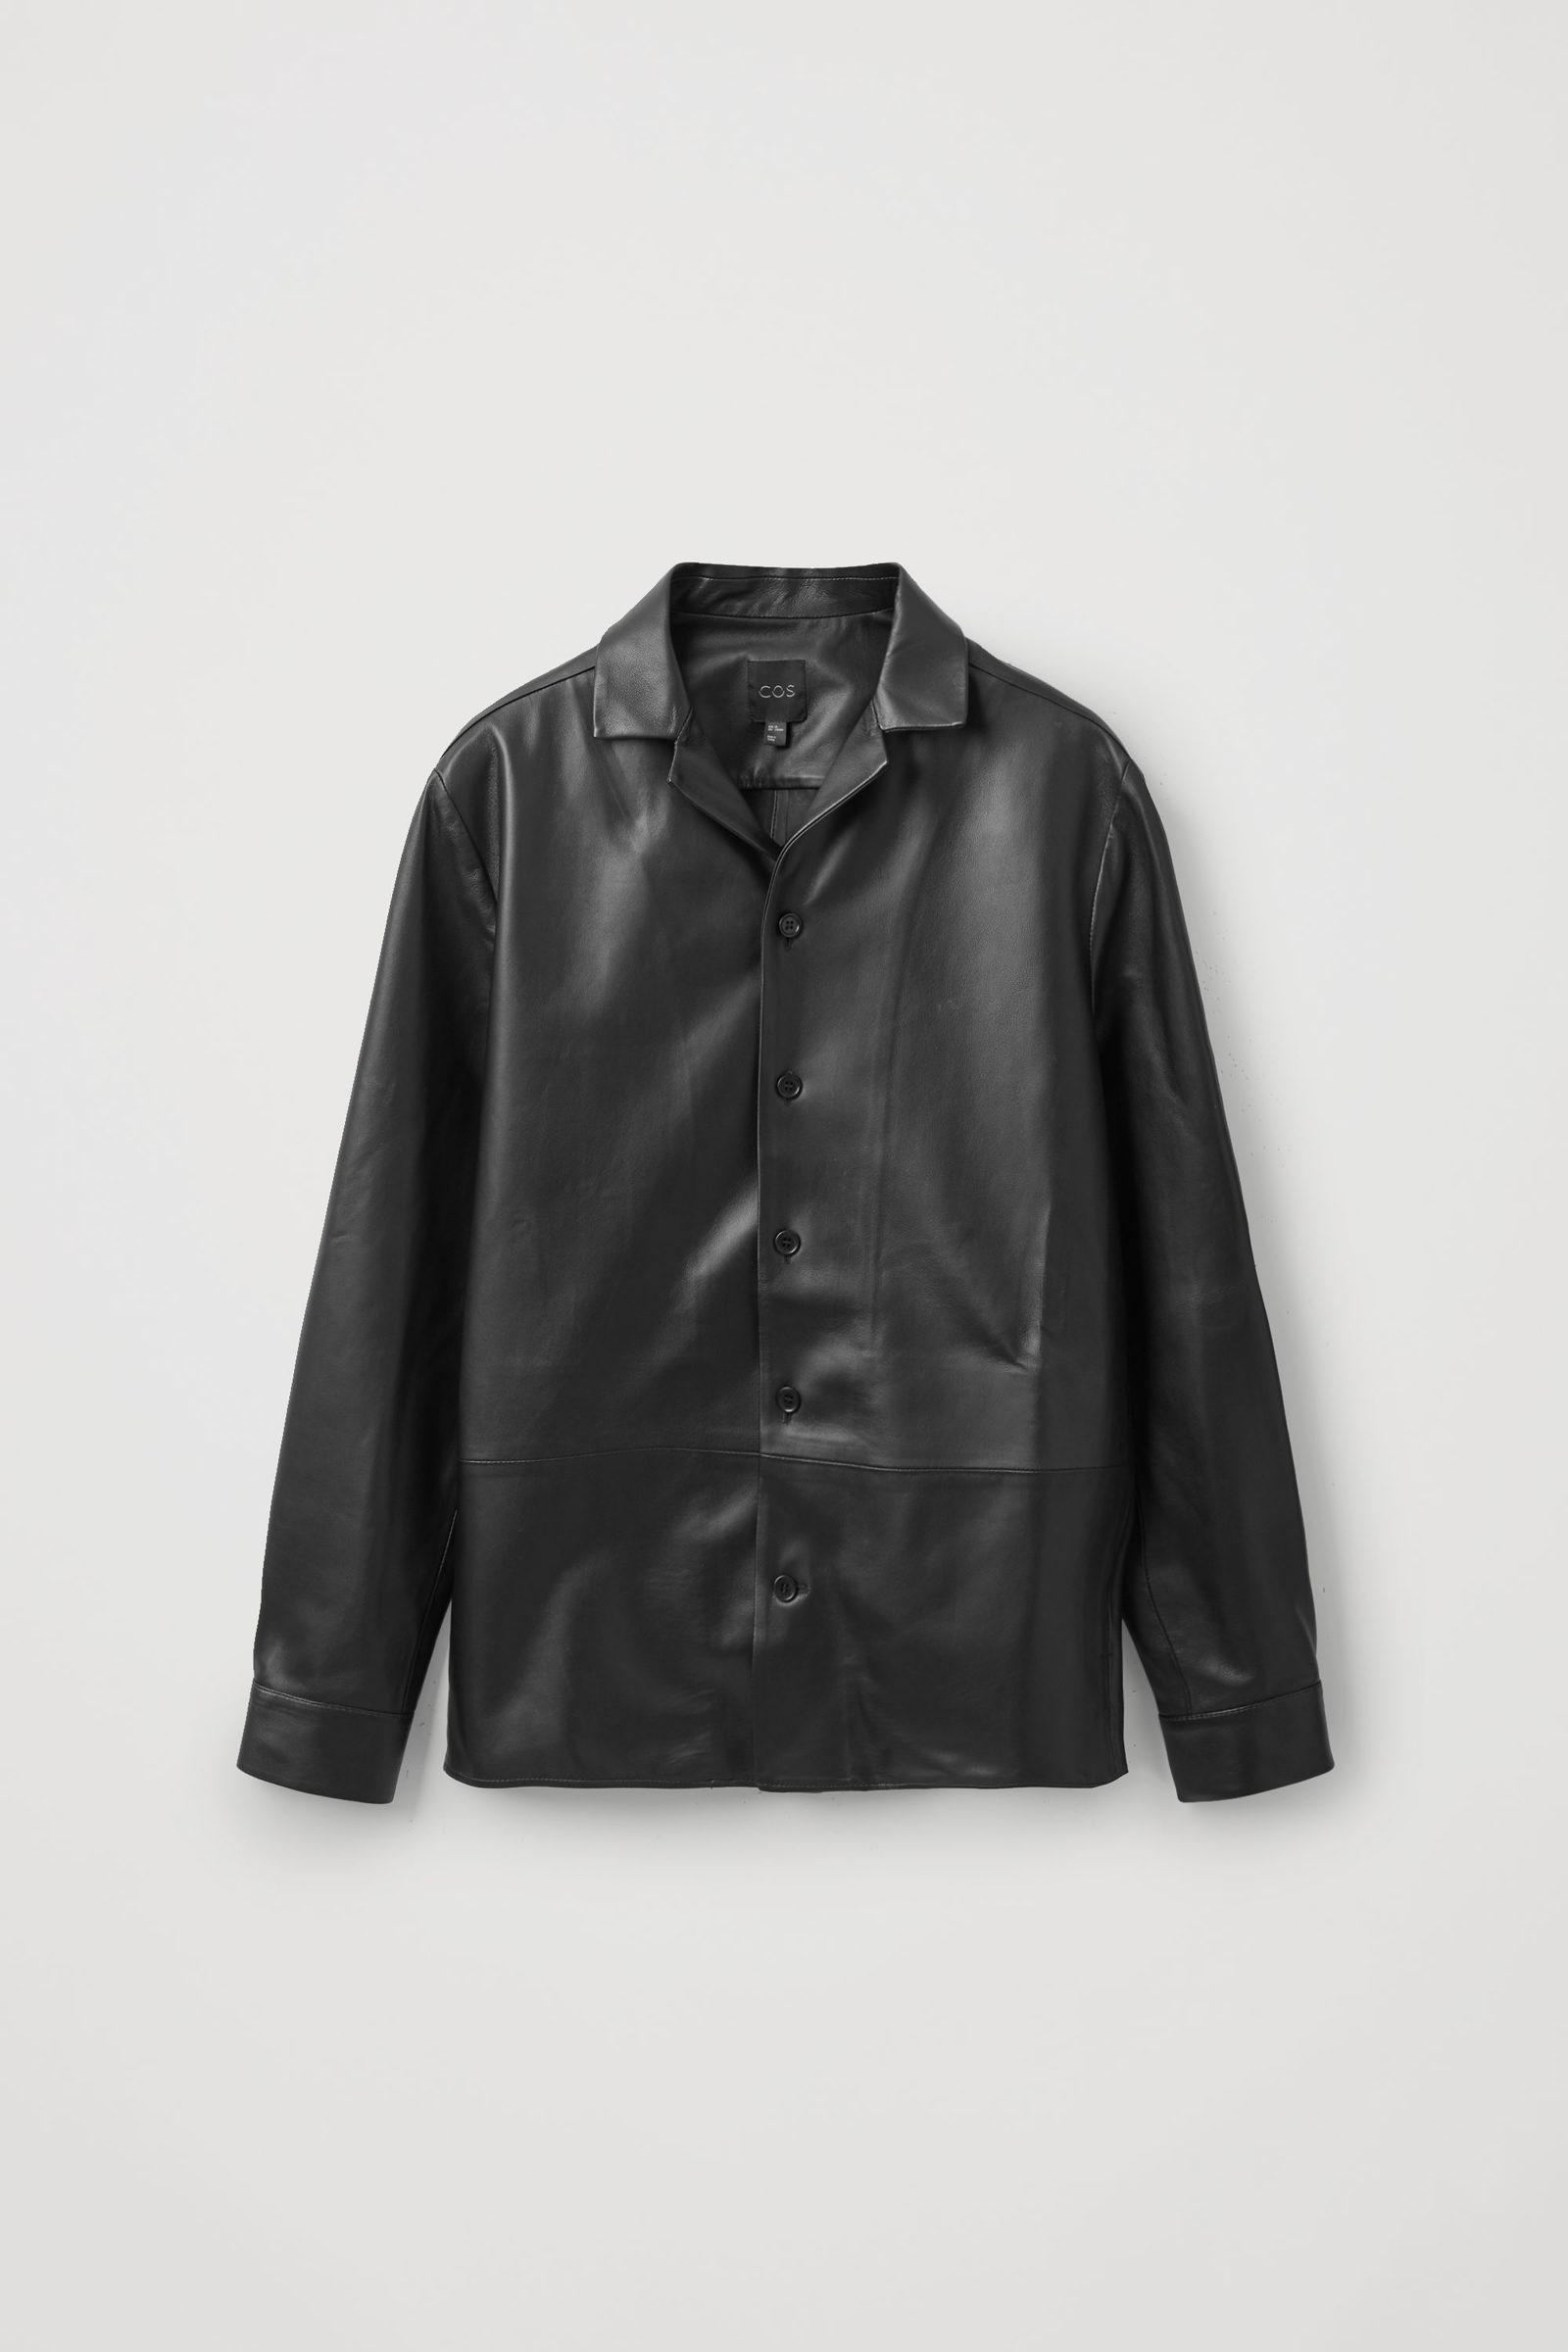 COS 캠프 칼라 레더 오버셔츠의 블랙컬러 Product입니다.